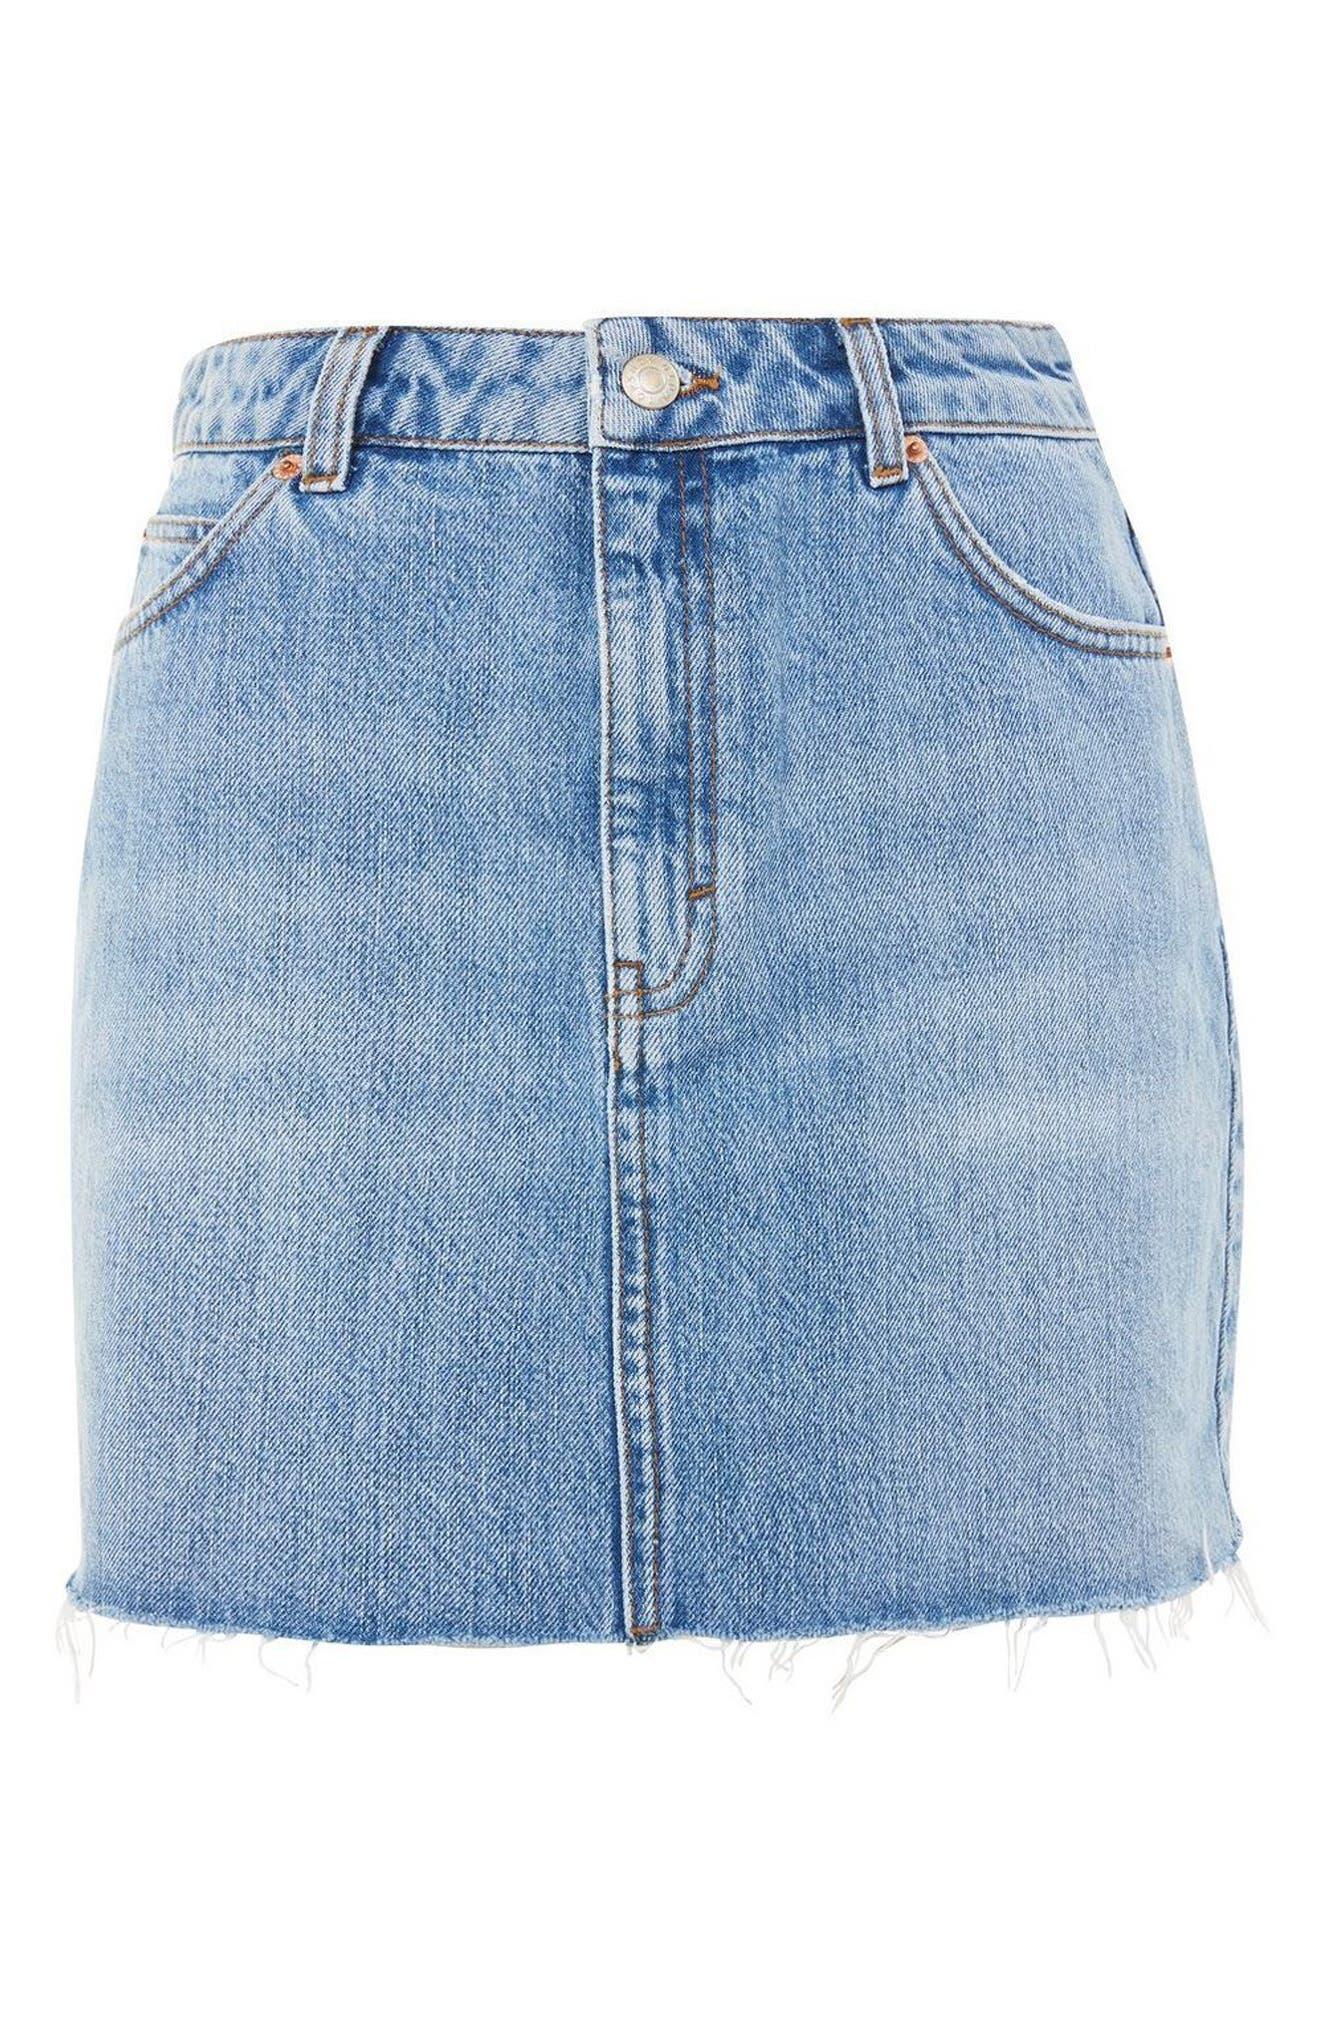 Denim Miniskirt,                             Alternate thumbnail 7, color,                             MID DENIM